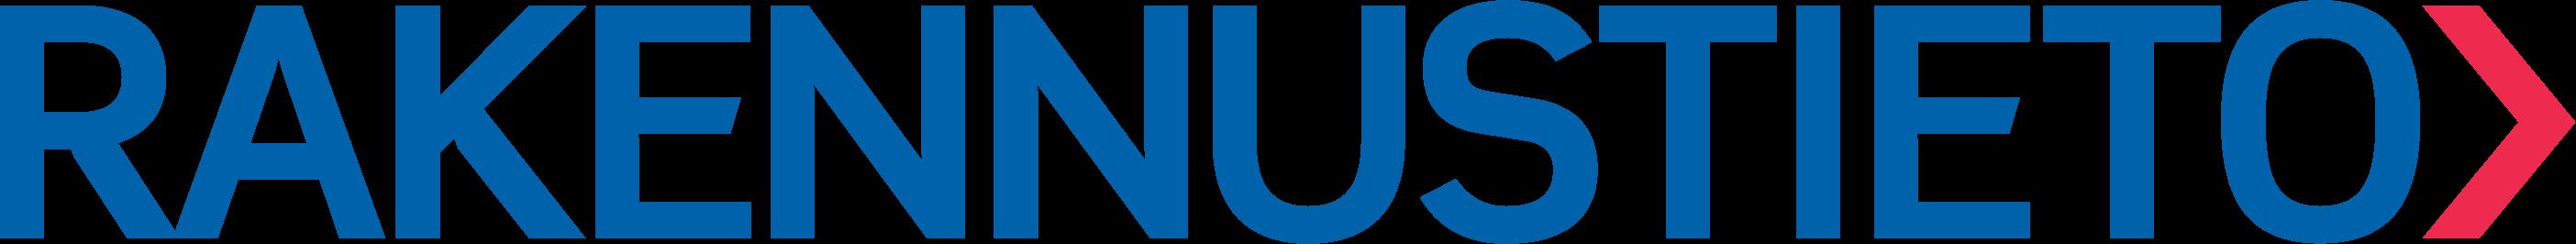 logo: Rakennustietosäätiö RTS sr